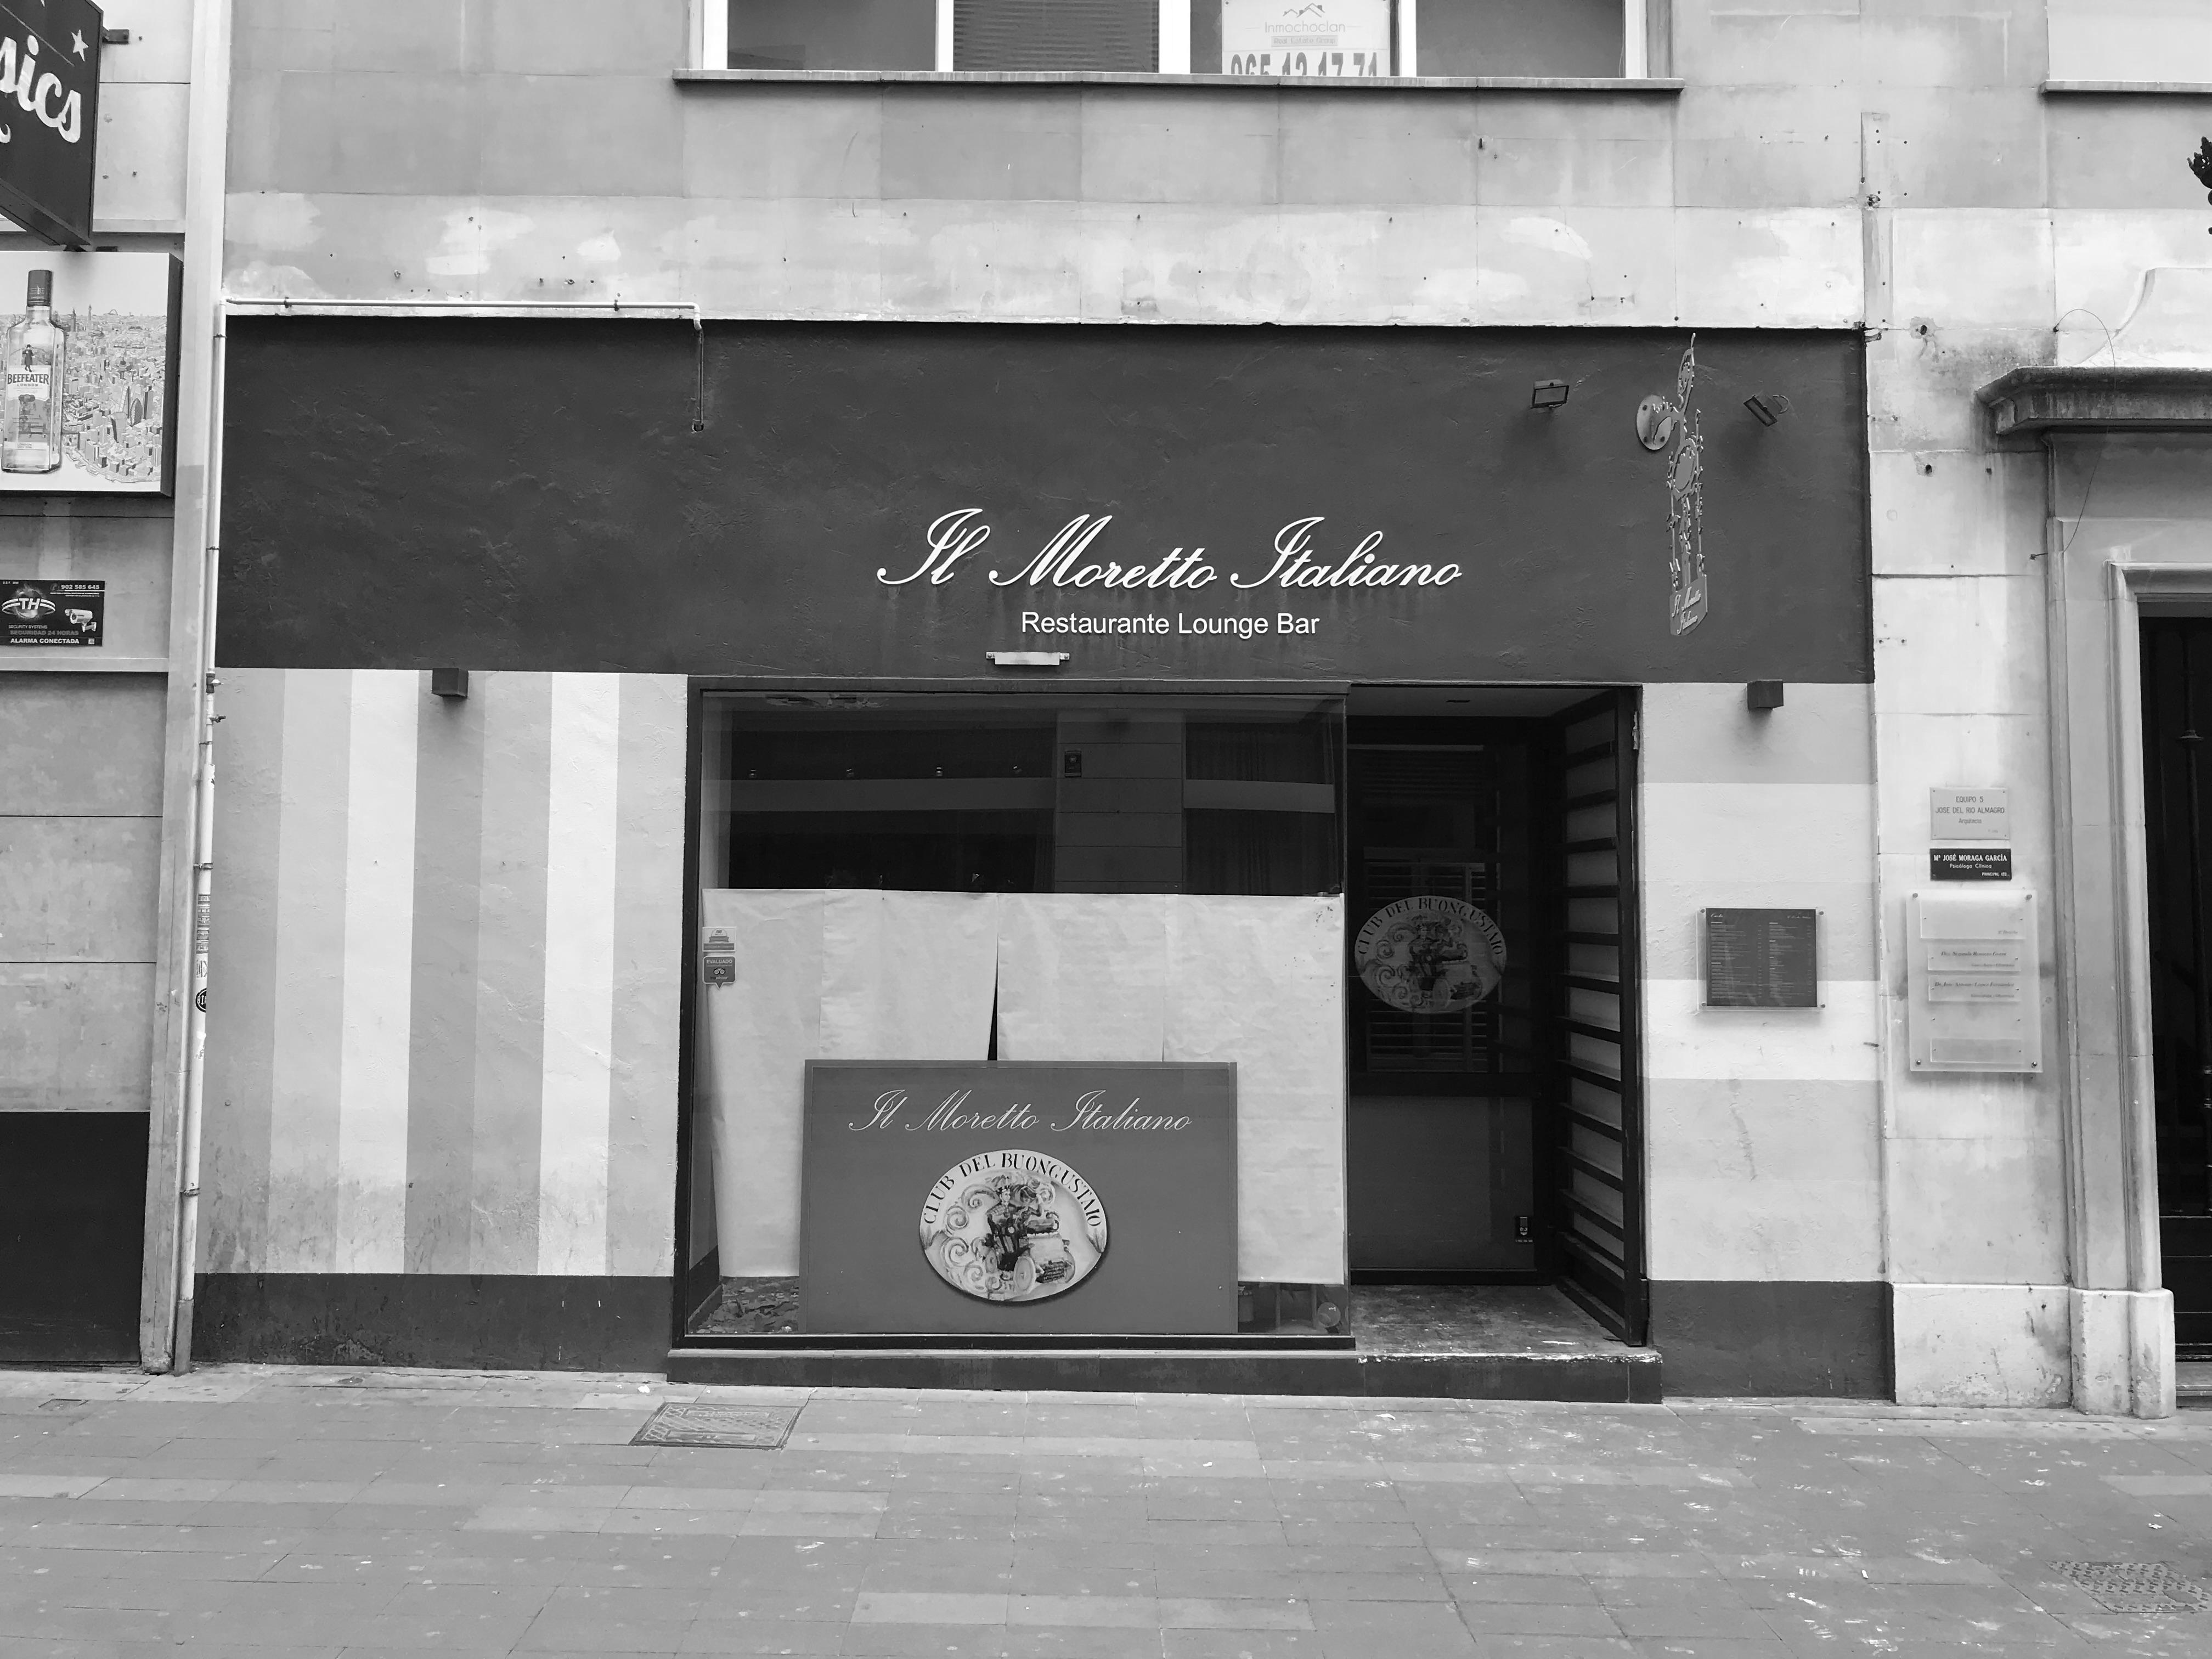 Estado previo proyecto de interiorismo de estilo clásico-contemporáneo italiano. Restaurante Sale&Pepe.